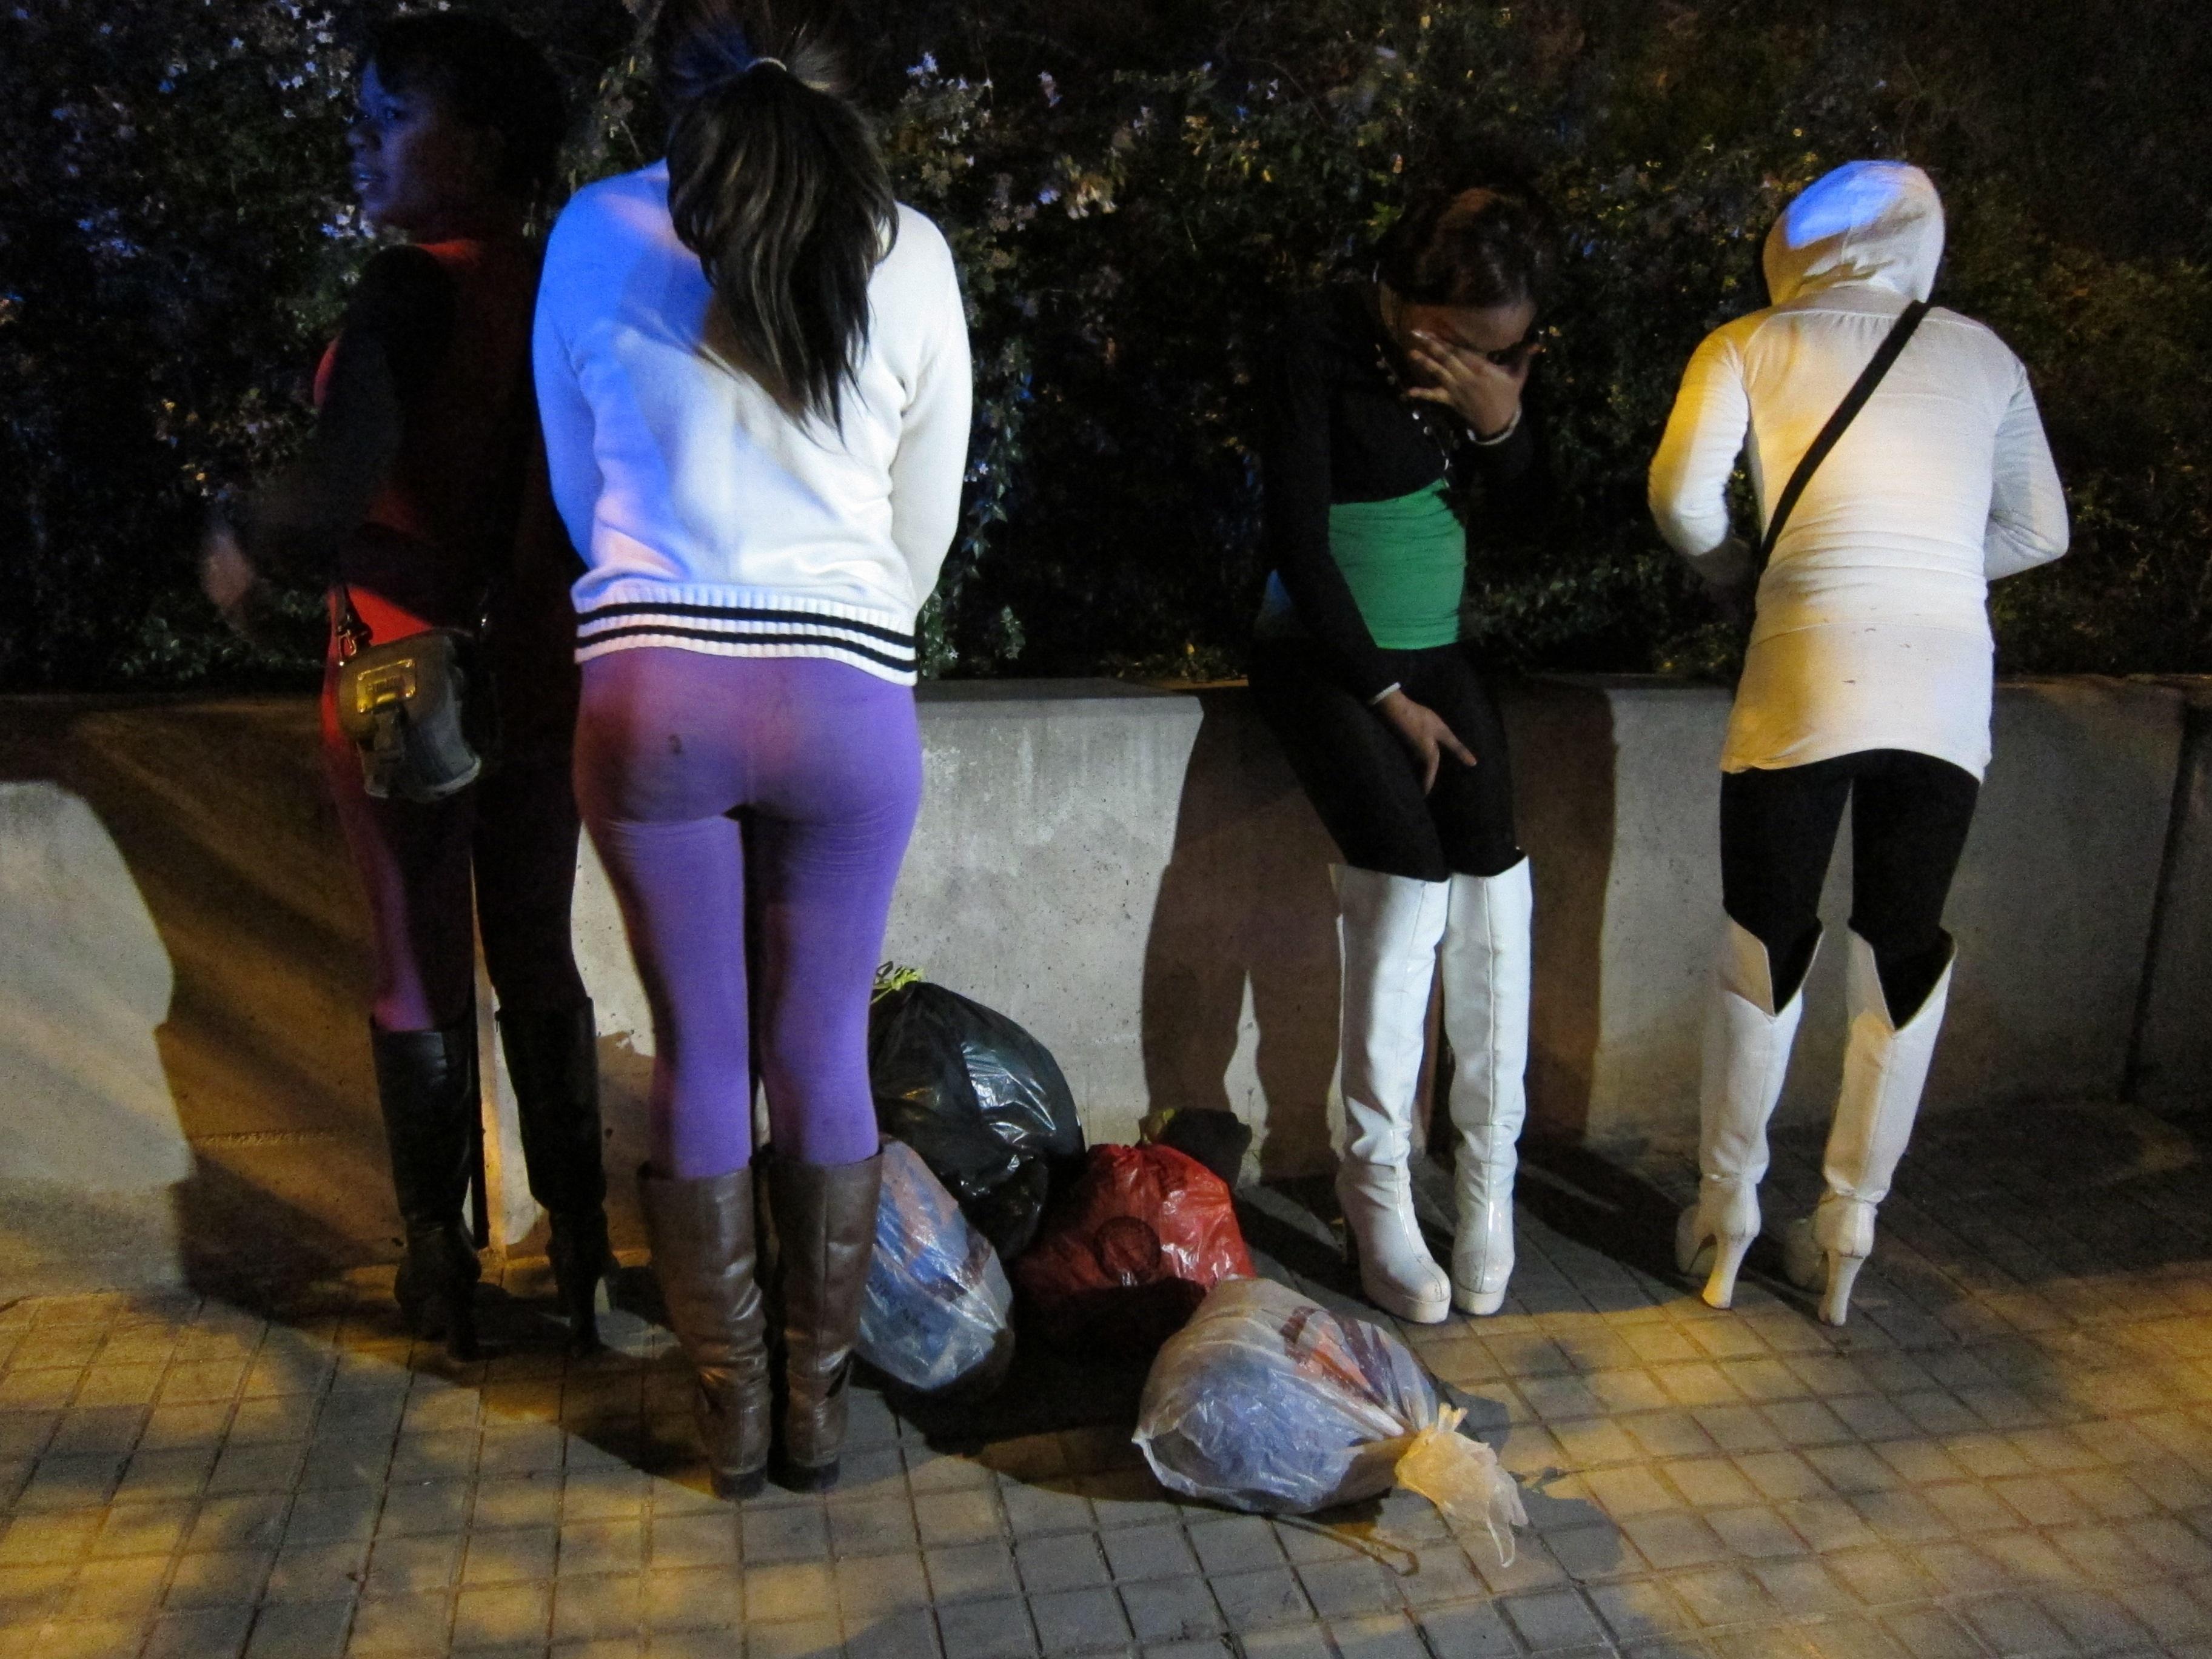 El 46% de jóvenes considera la prostitución «parte del paisaje»